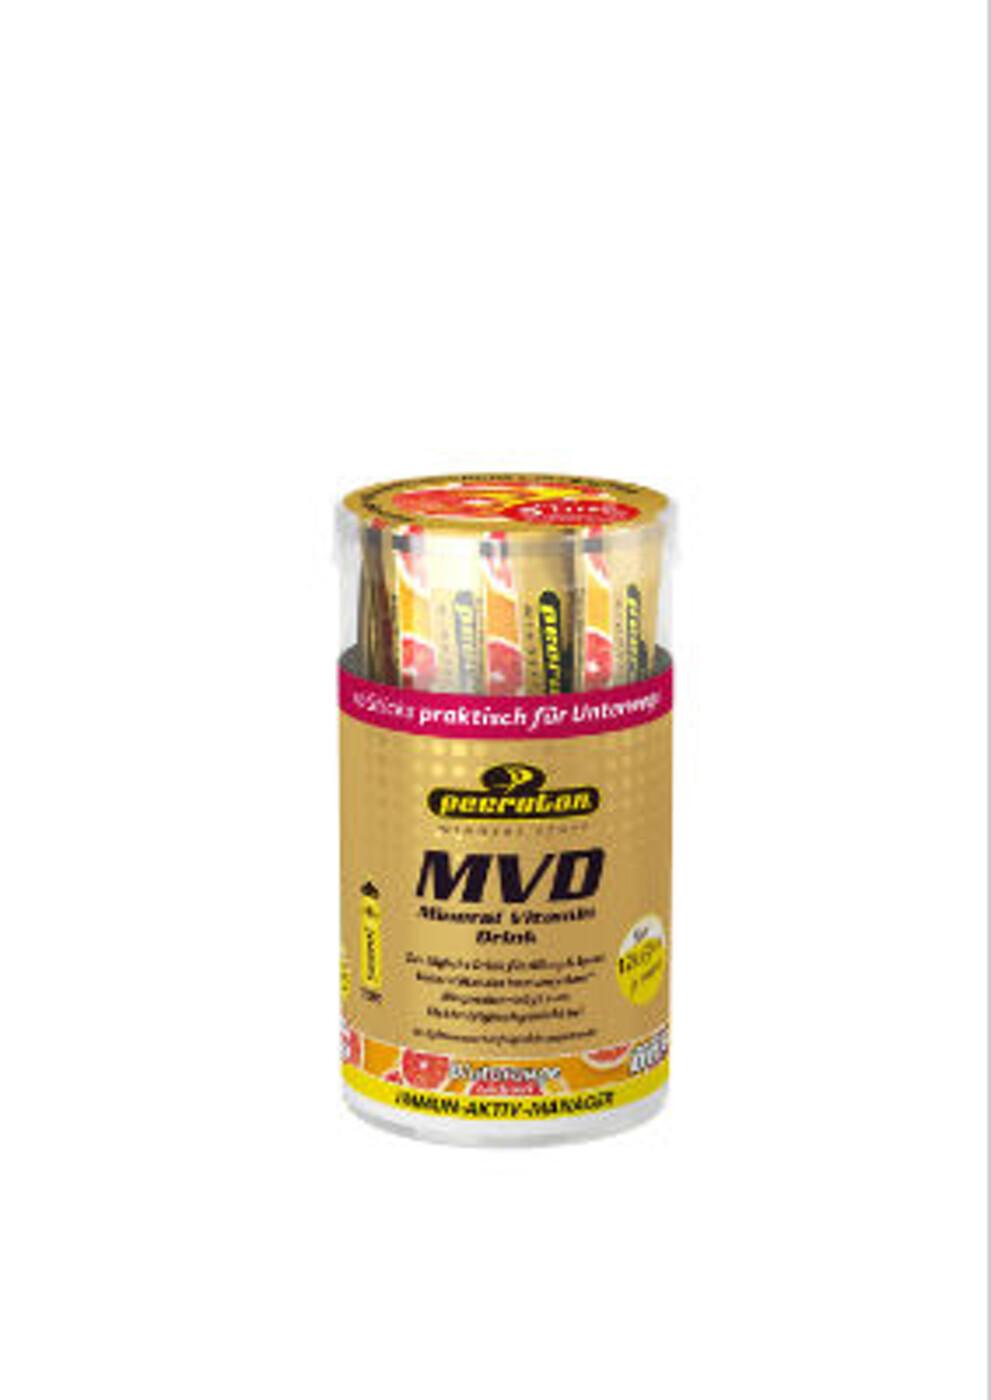 PEEROTON MVD Dose 10er Stick